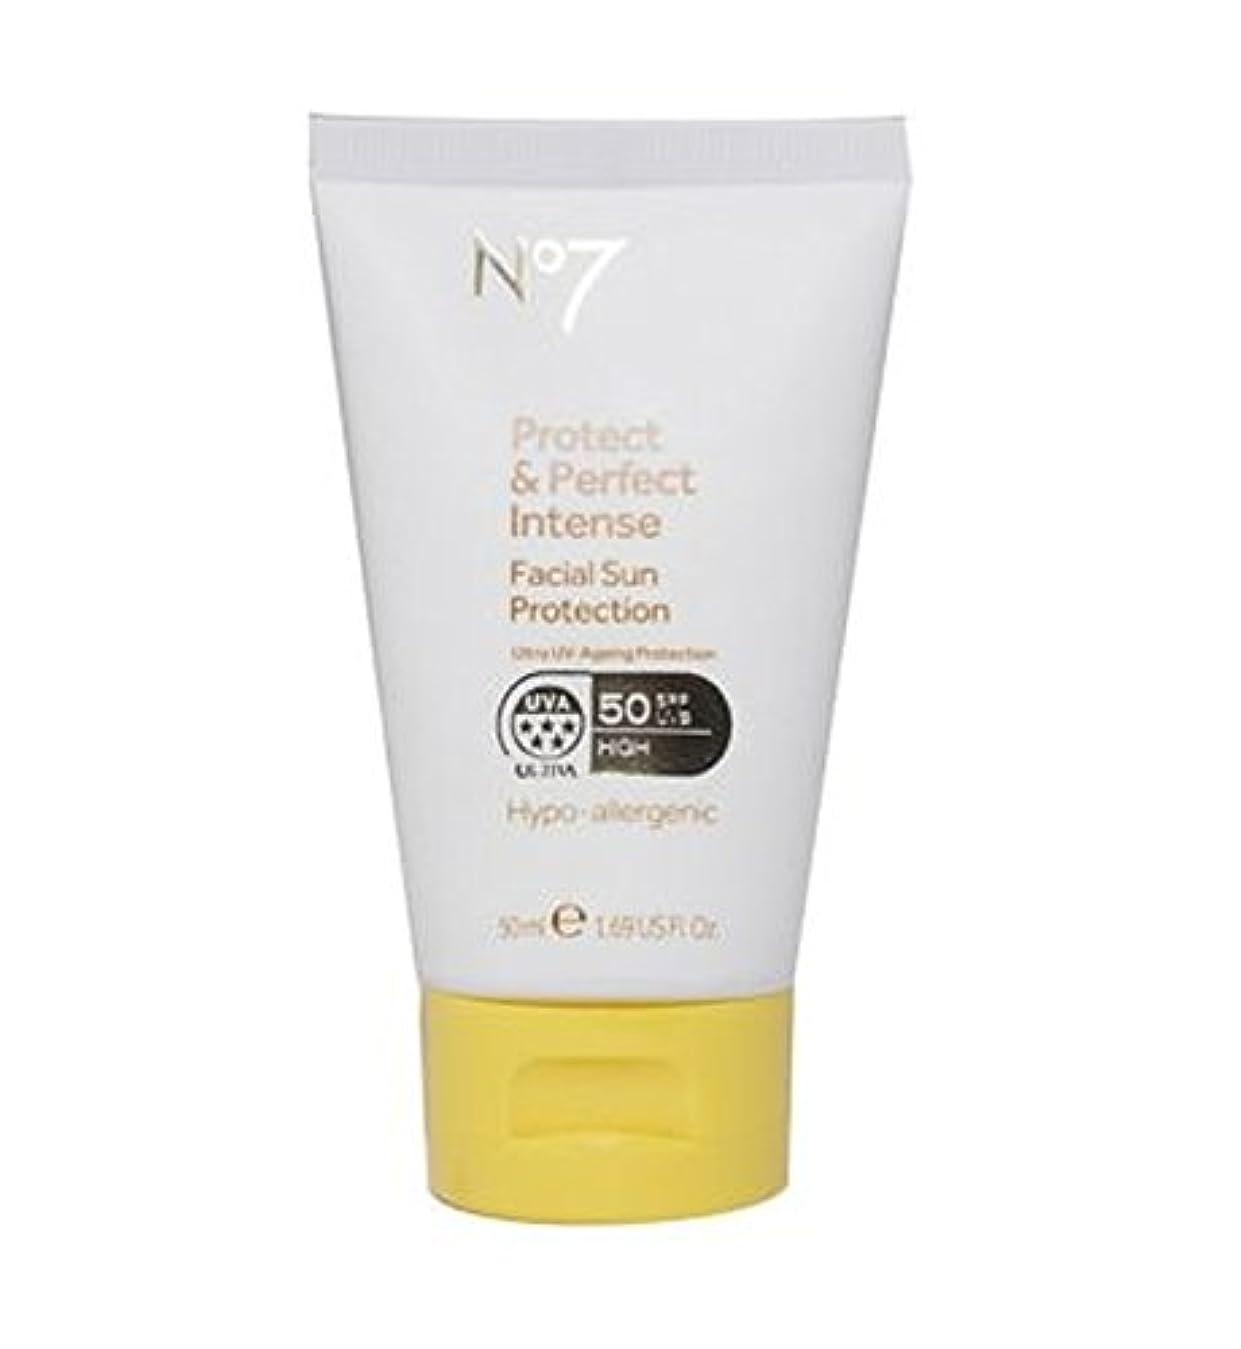 汚染国旗パンNo7保護&完璧な強烈な顔の日焼け防止Spf 50 50ミリリットル (No7) (x2) - No7 Protect & Perfect Intense Facial Sun Protection SPF 50 50ml...